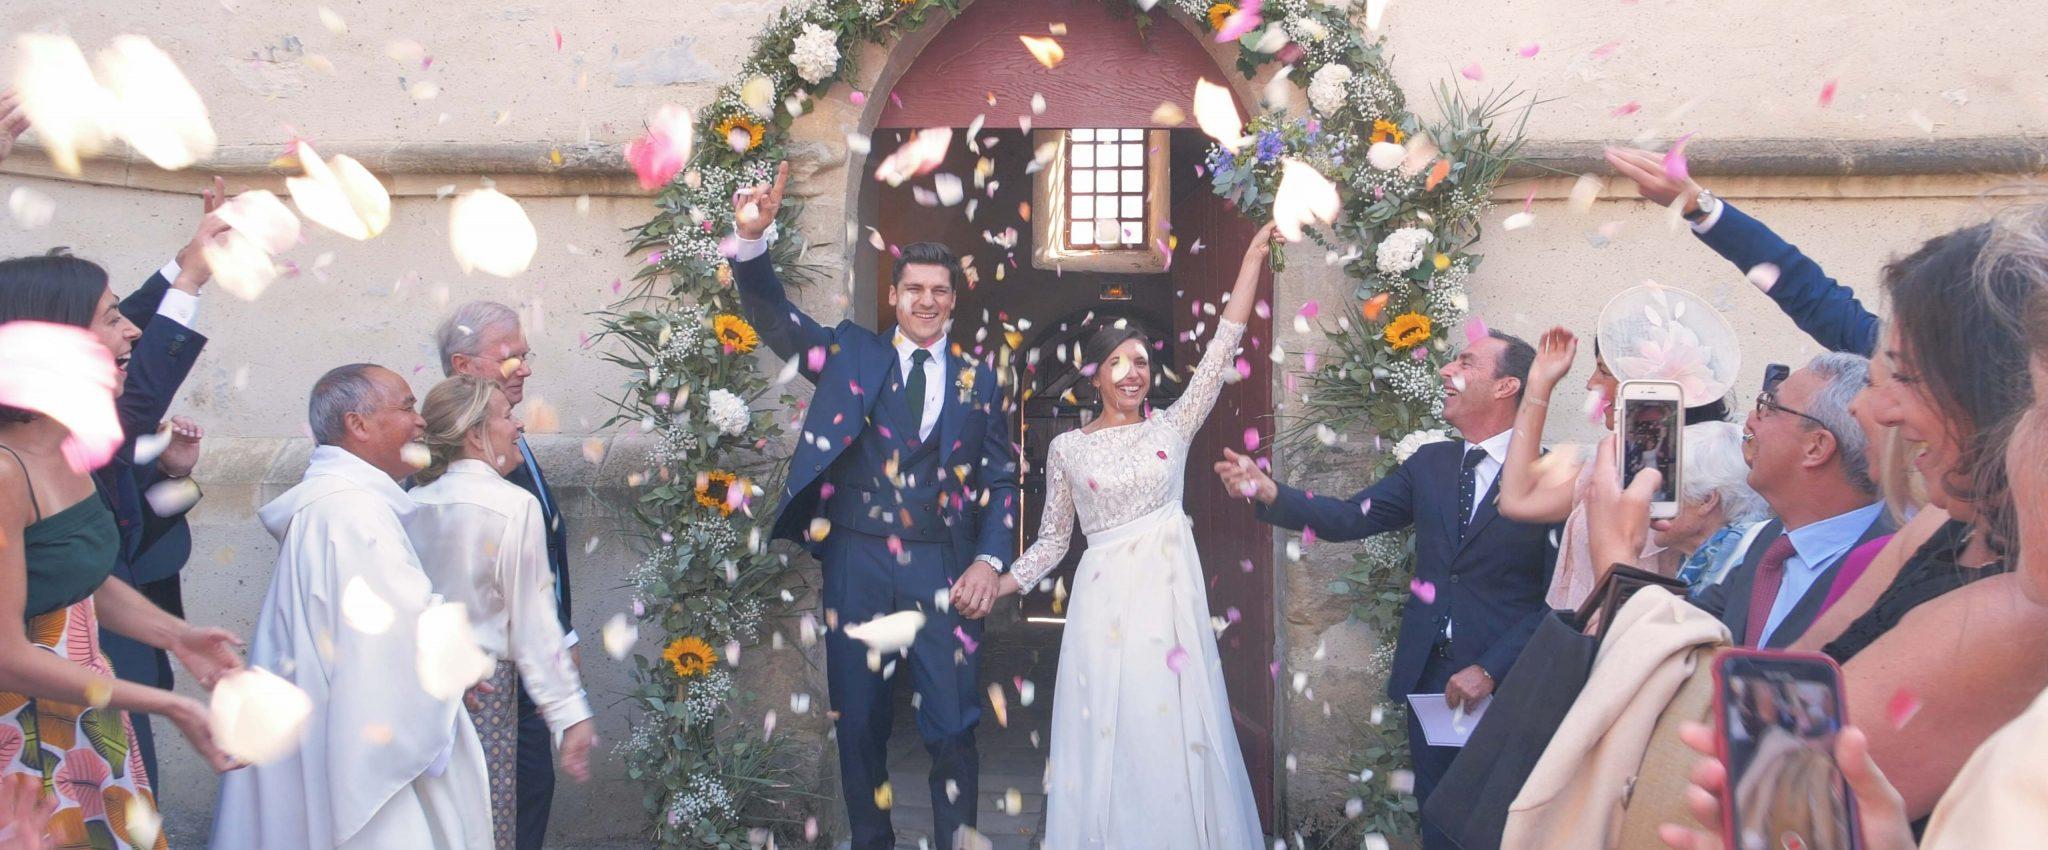 mariage-ceremonie-pierre-frechou-mringalss-films-pays-basque-anglet-bayonne-biarritz